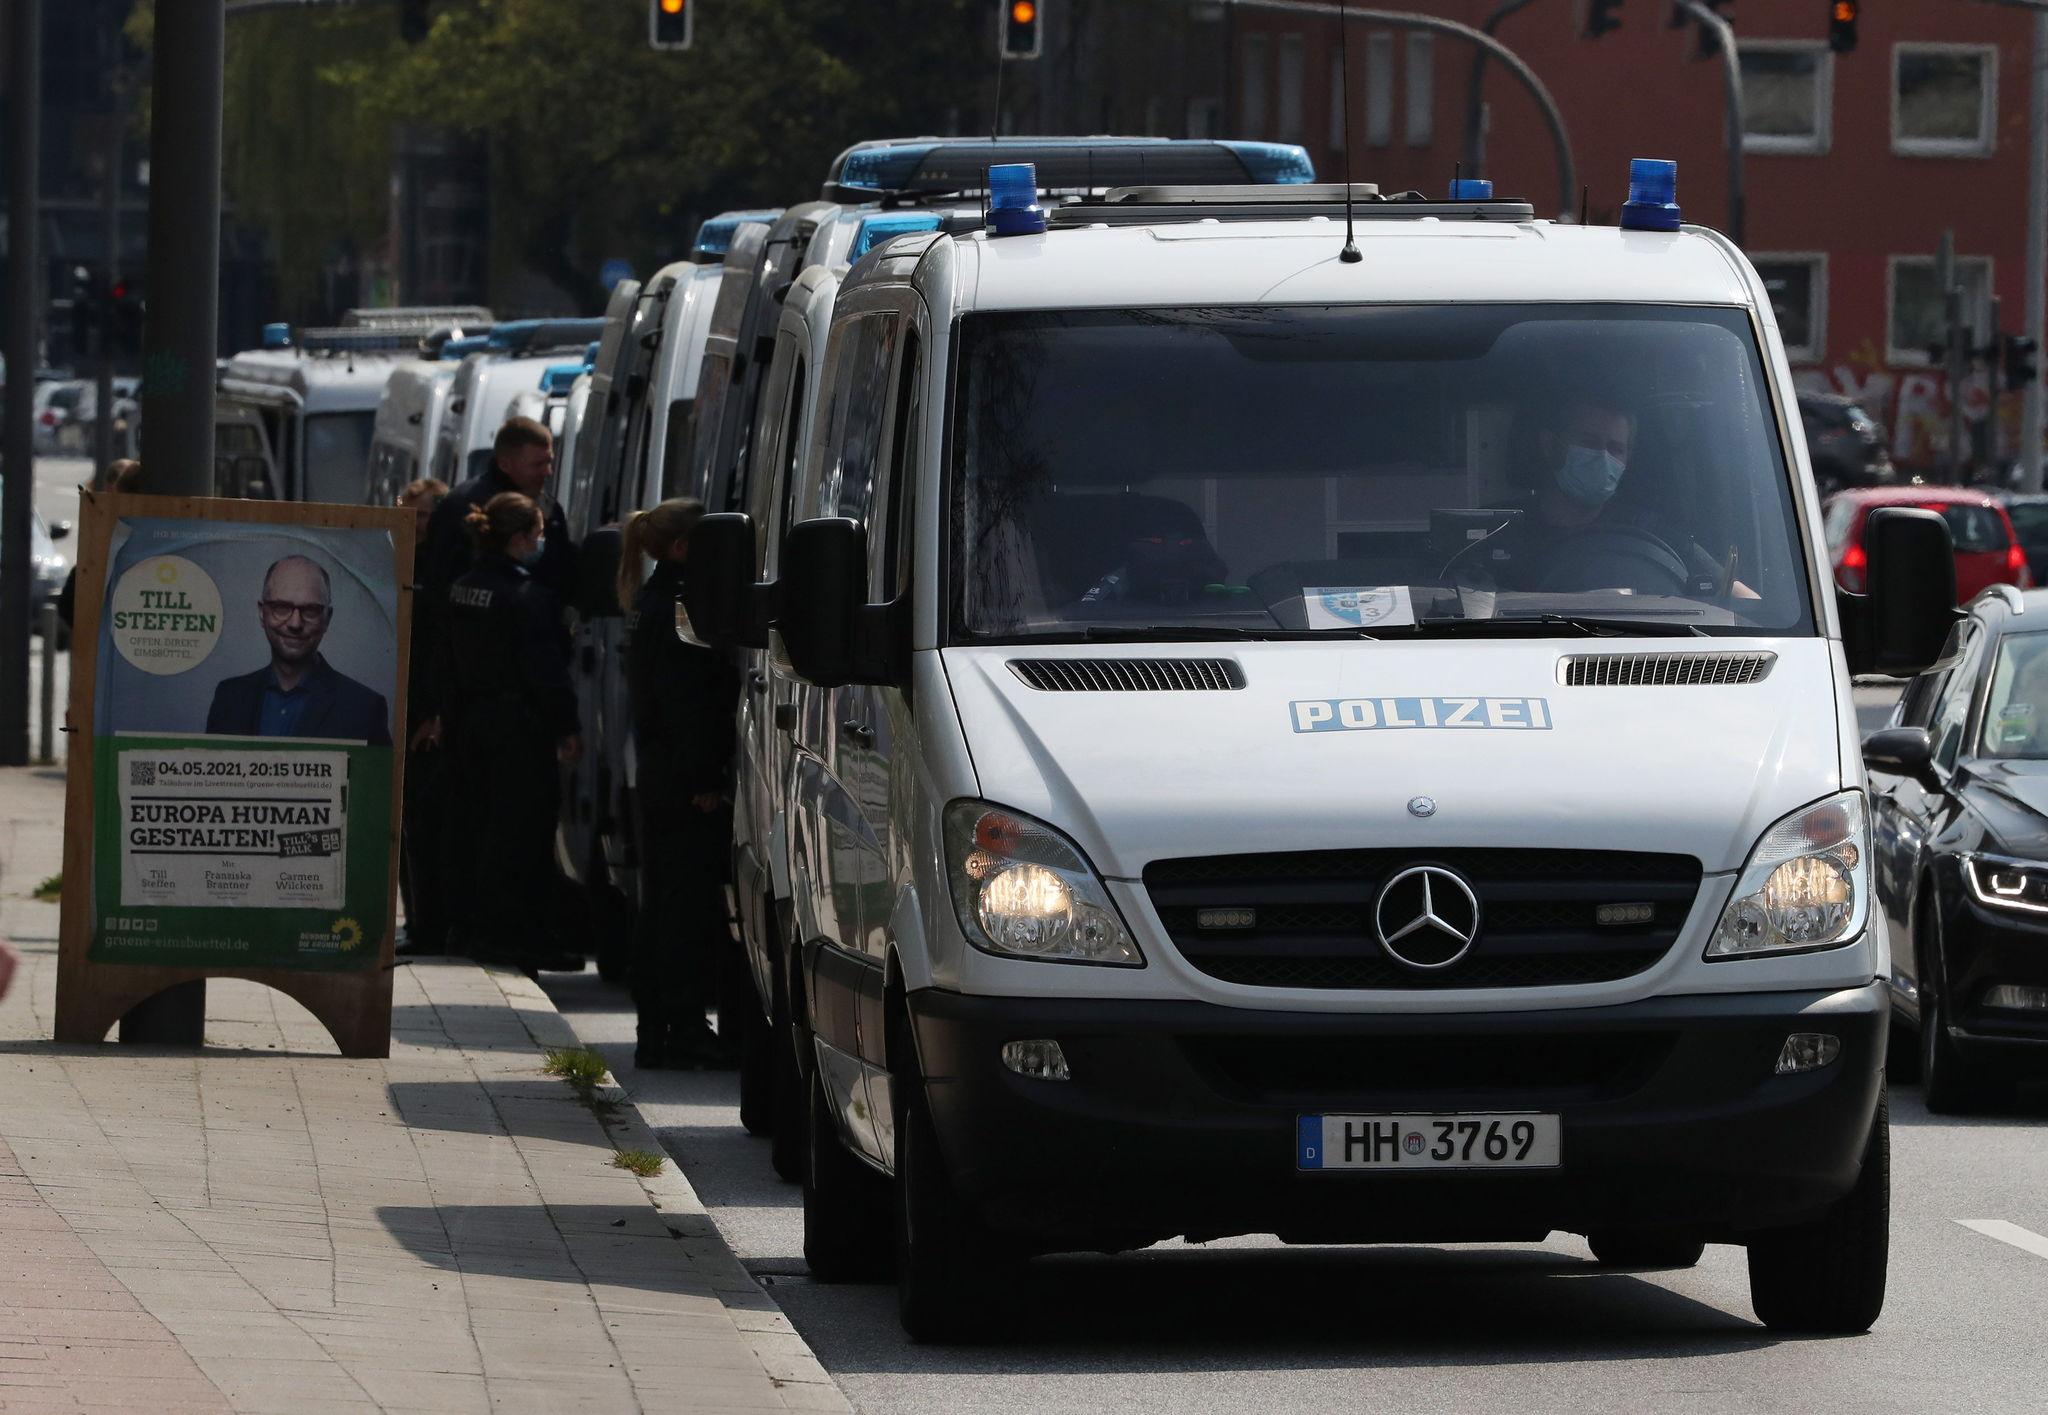 Furgones de la policía alemana, en Hamburgo.